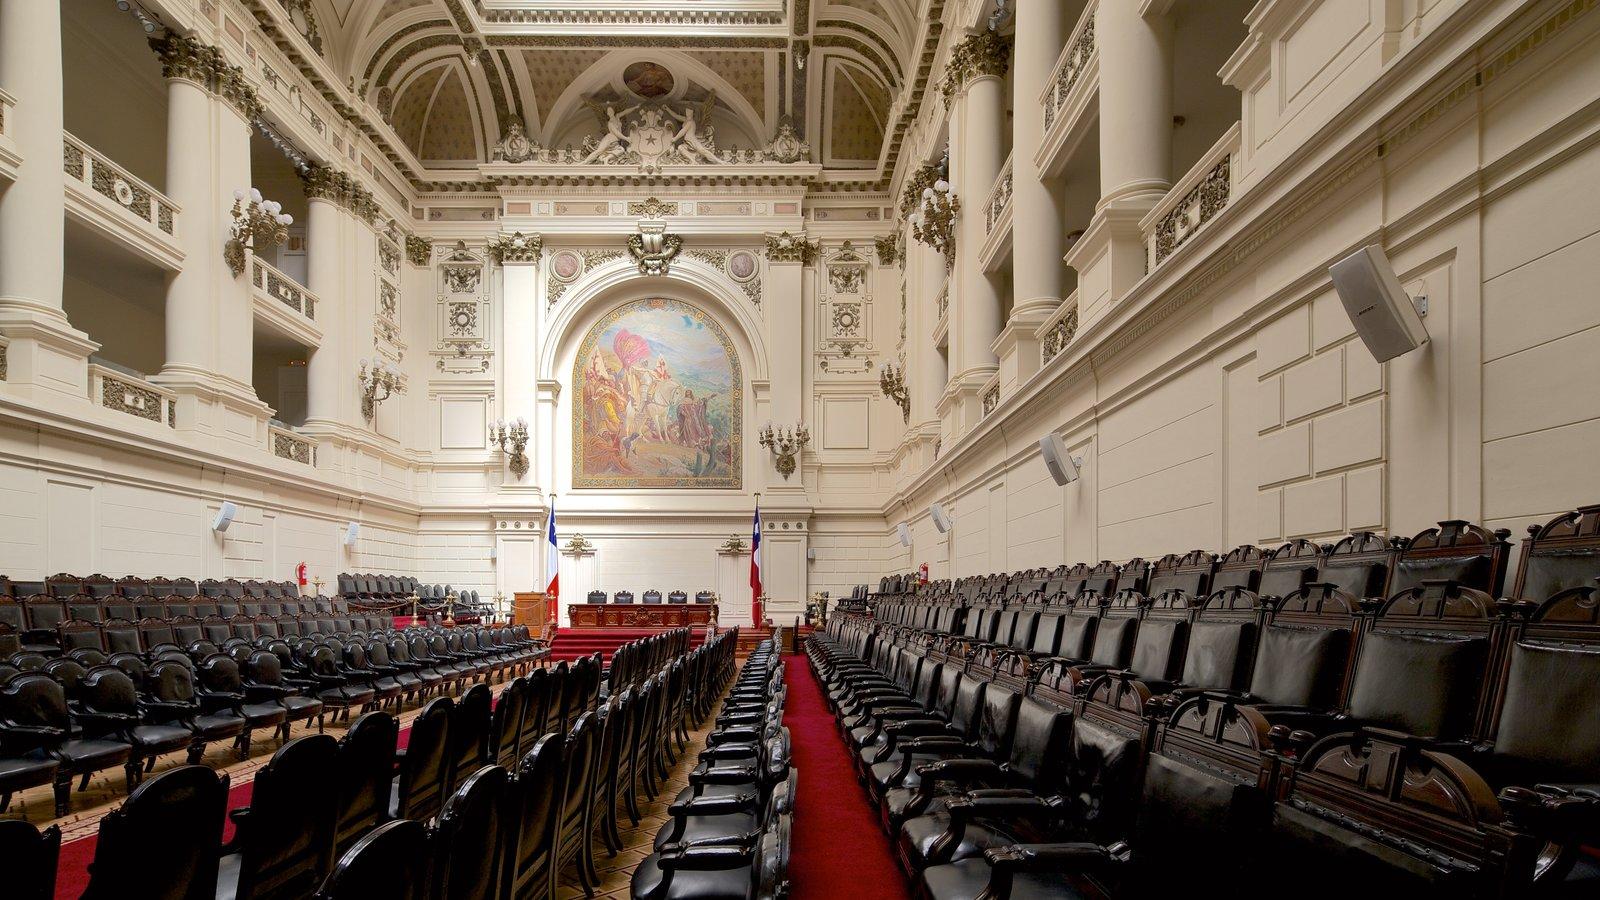 Ex-Congresso Nacional caracterizando vistas internas, arquitetura de patrimônio e um edifício administrativo